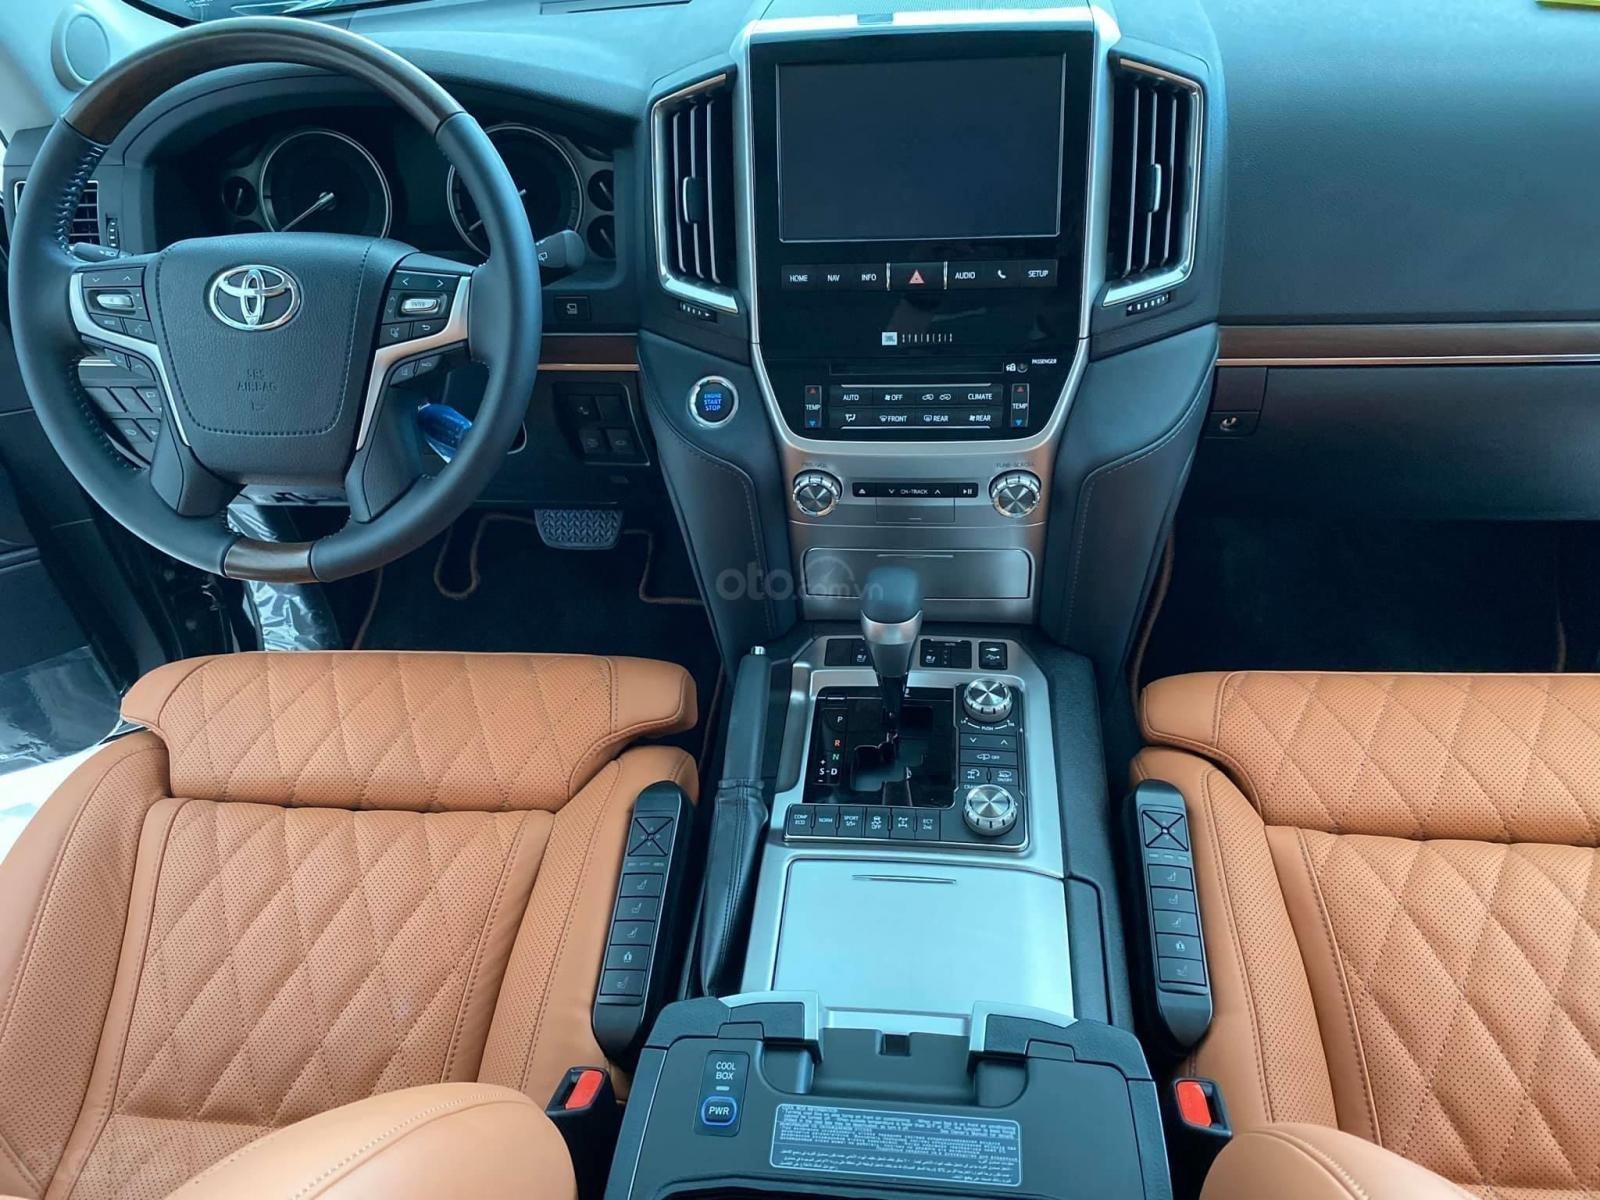 Bán Toyota Land Cruise MBS 5.7,4 ghế thương gia siêu vip, sản xuất 2020, xe giao ngay (8)